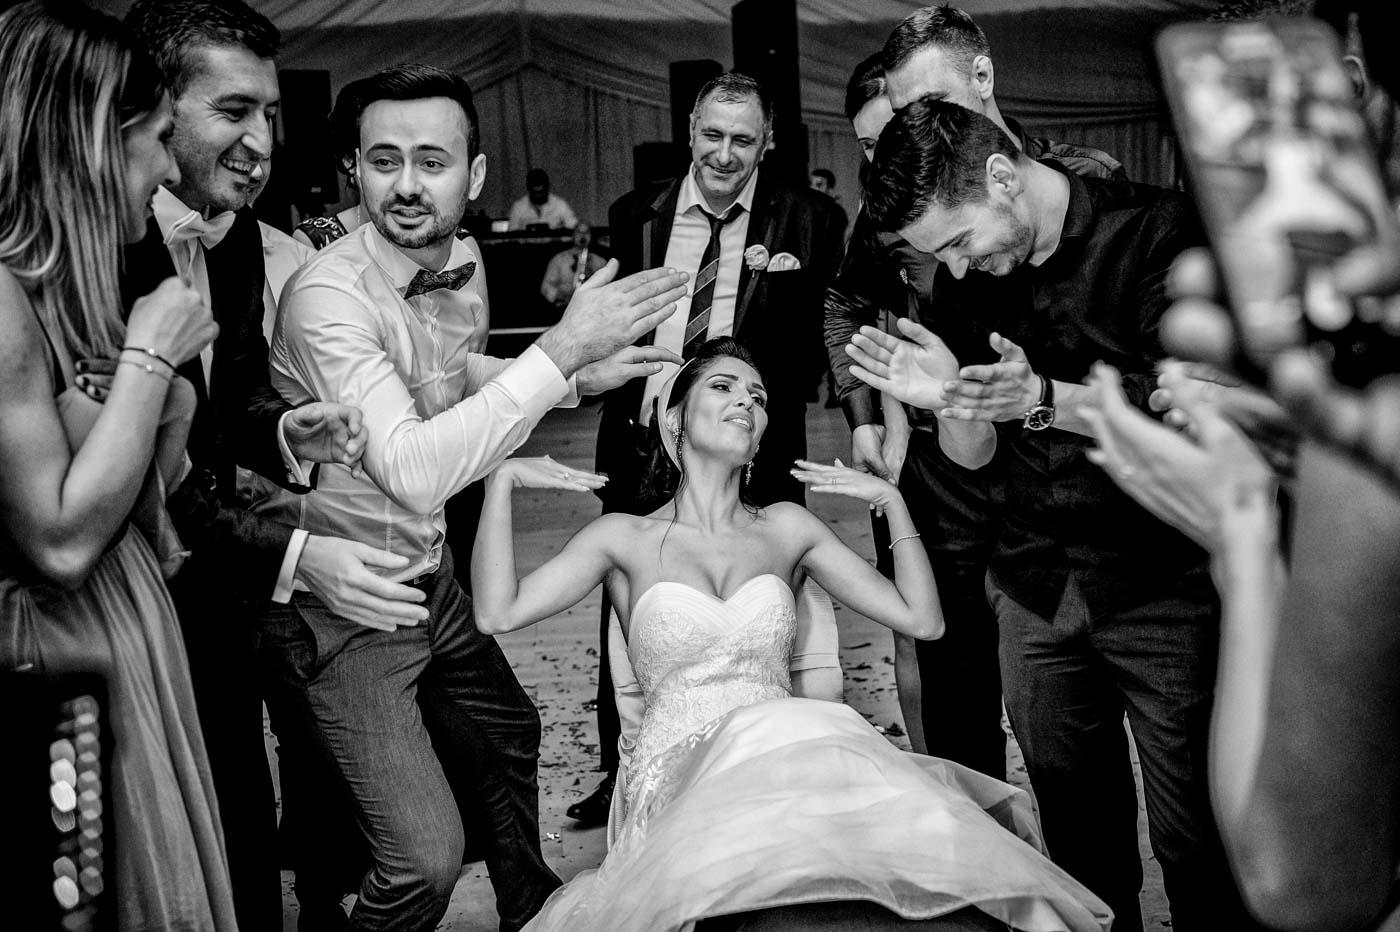 Obicei jartea nunta